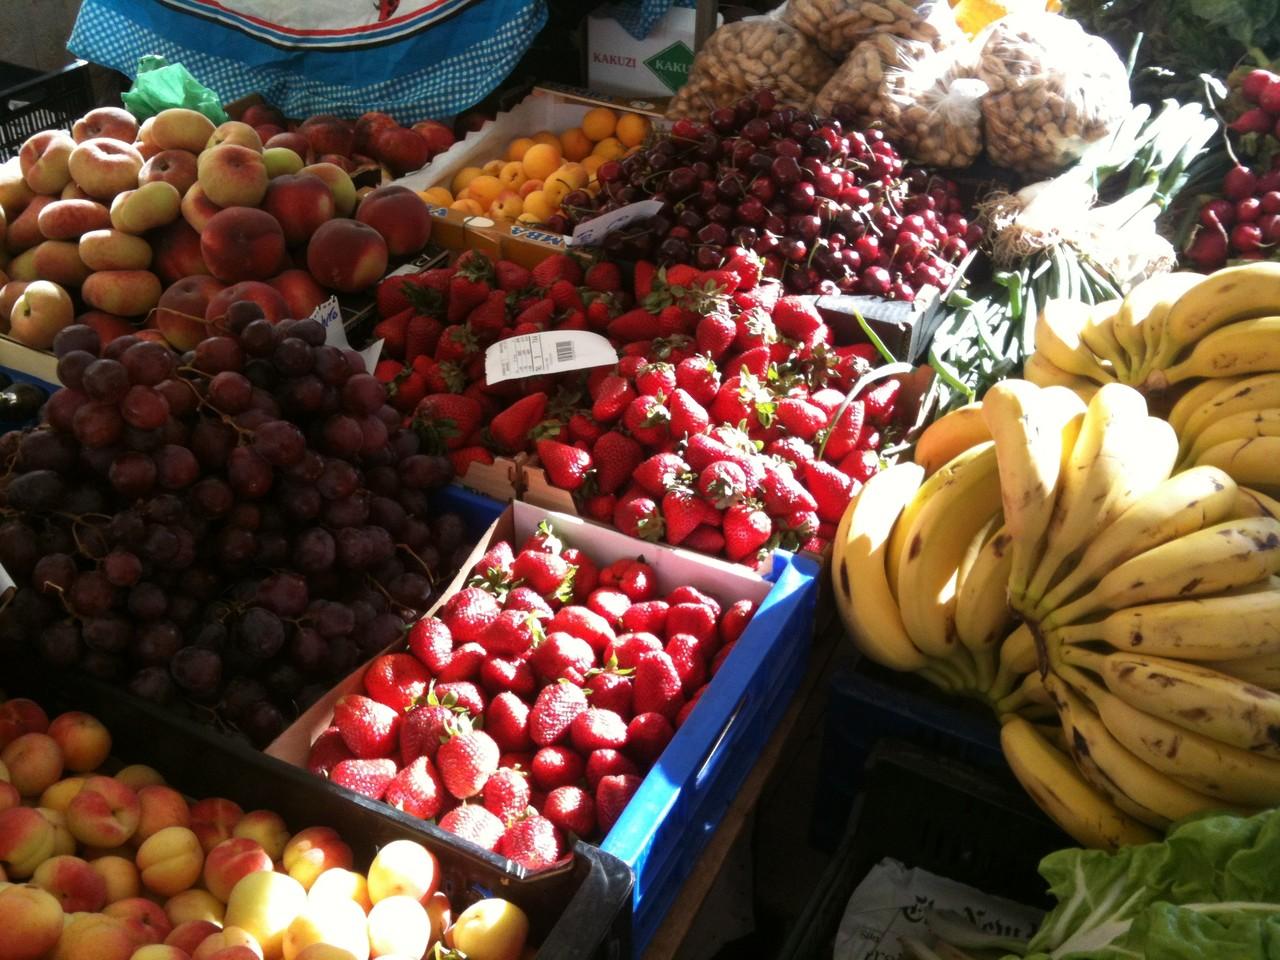 Gemüse und Obststand auf dem Markt Santanyi